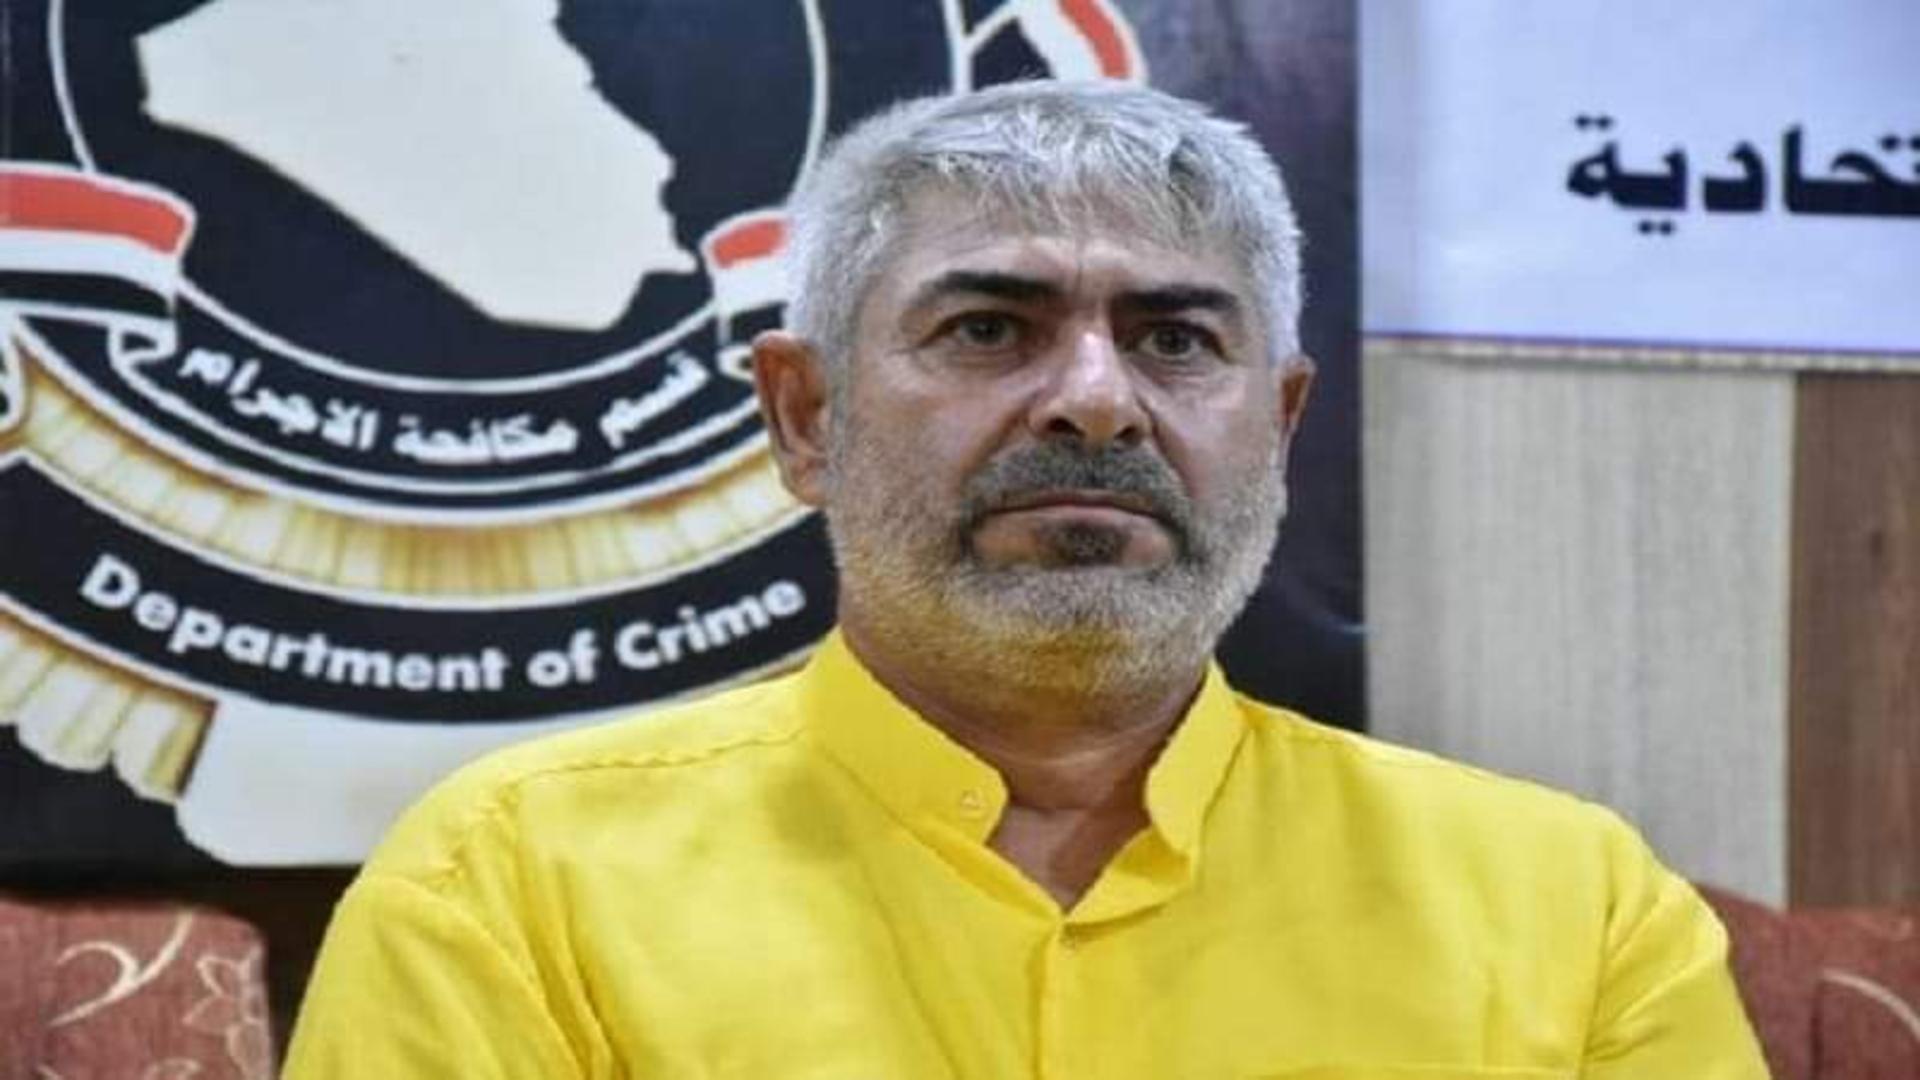 جنايات كربلاء تحكم بالإعدام على قاتل مدير بلدية المدينة